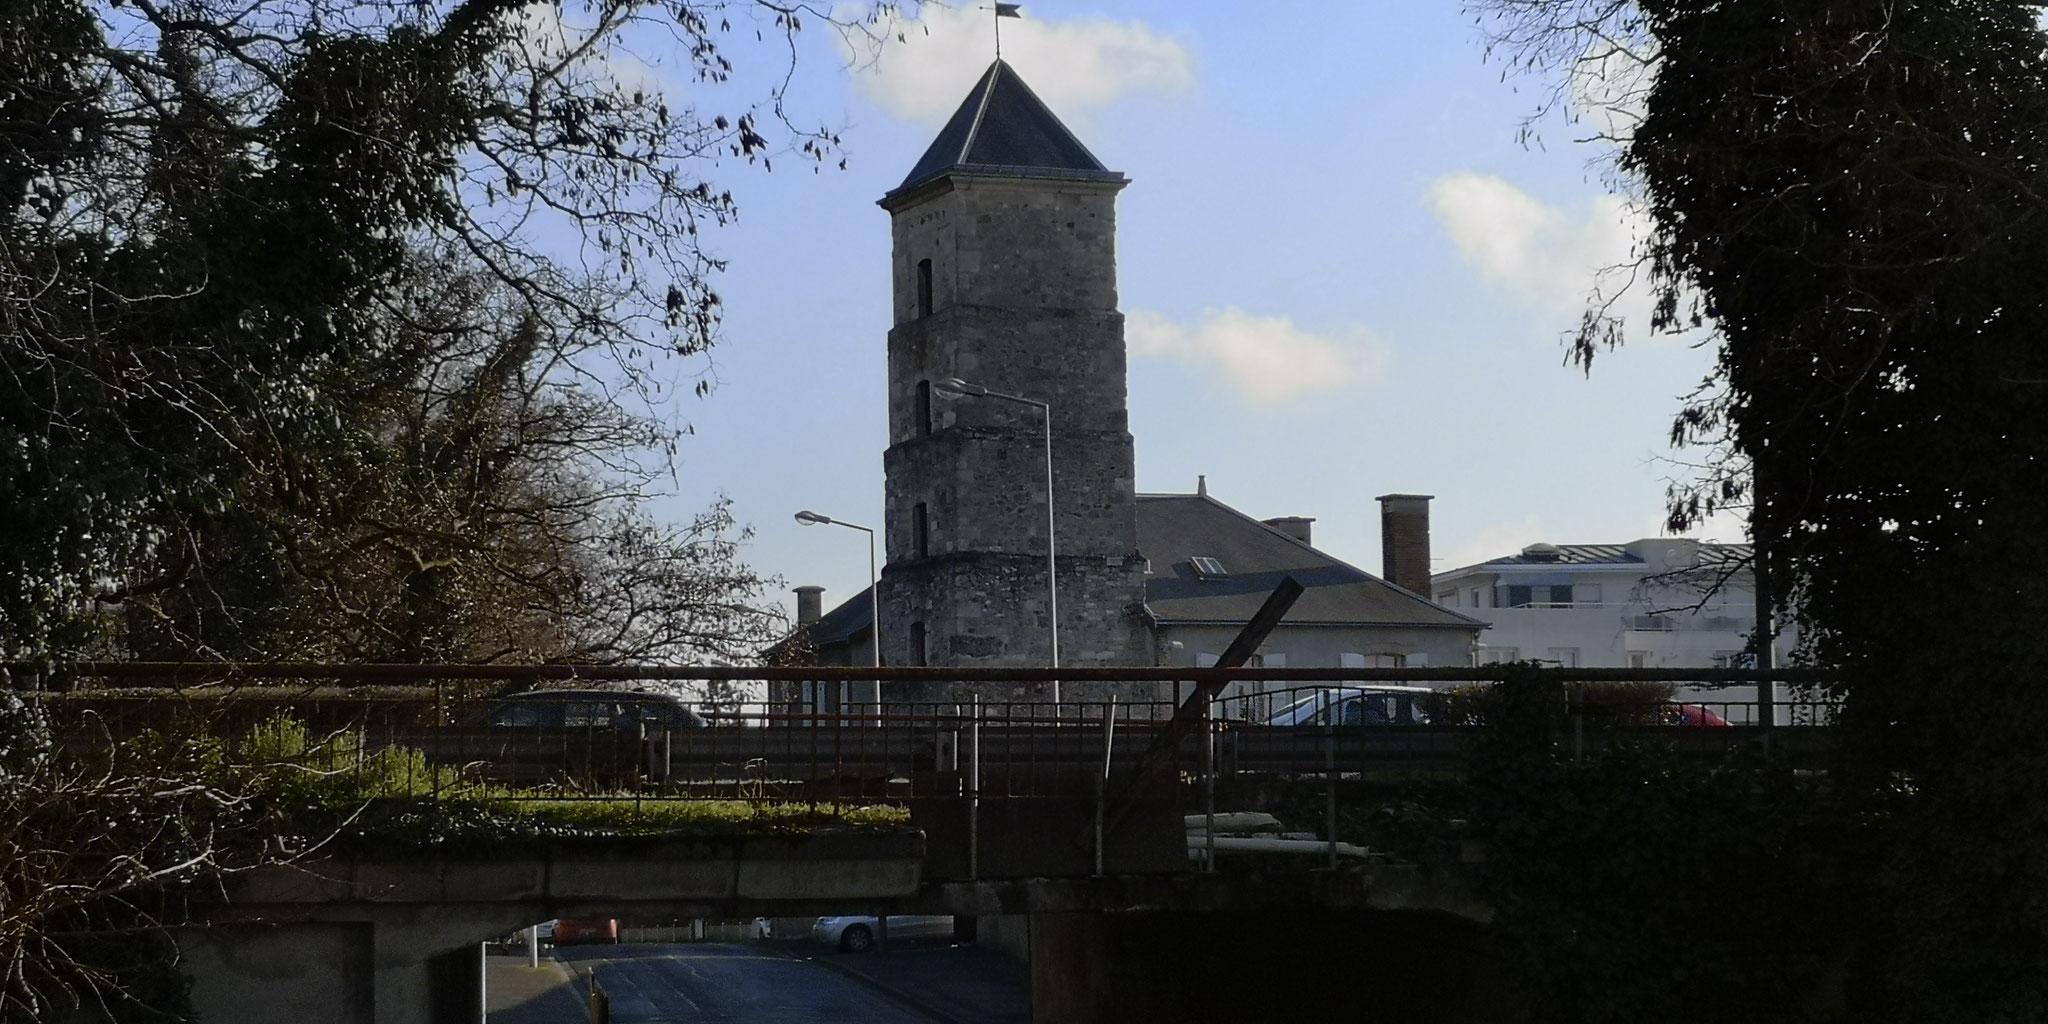 L'usine d'élévation des eaux ou tour de Féry